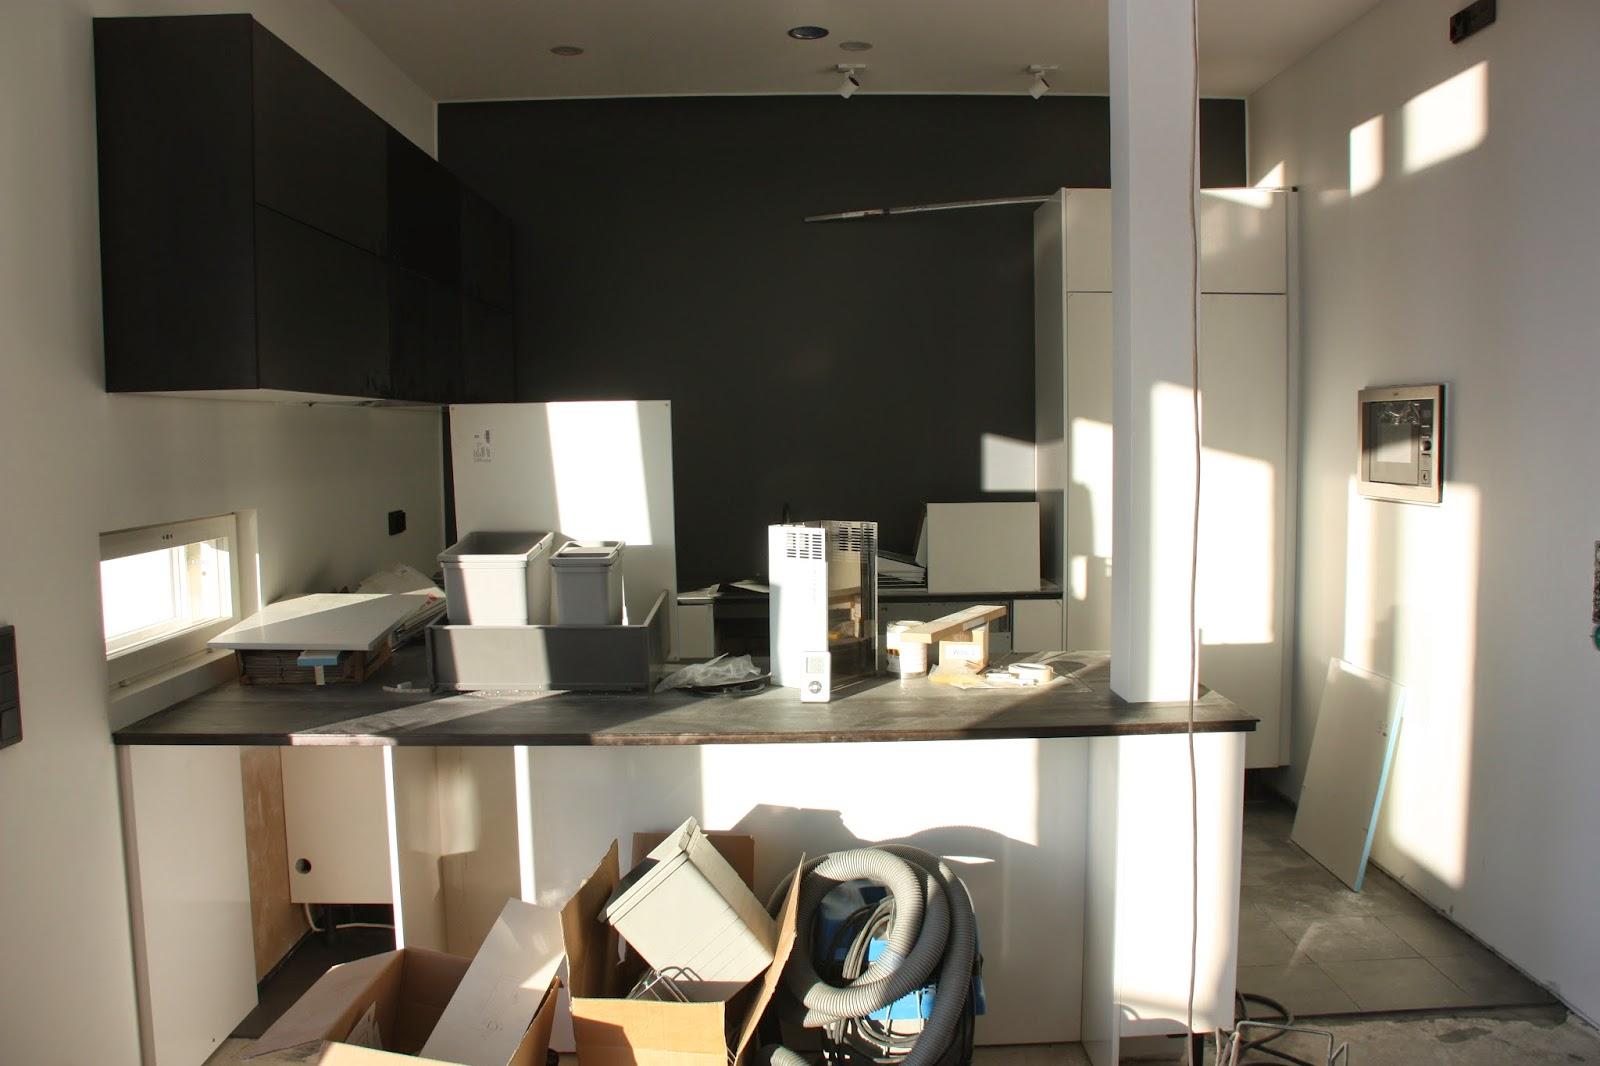 Puuta ja kiveä -raksablogi: keittiössä riittää vielä siivottavaa.